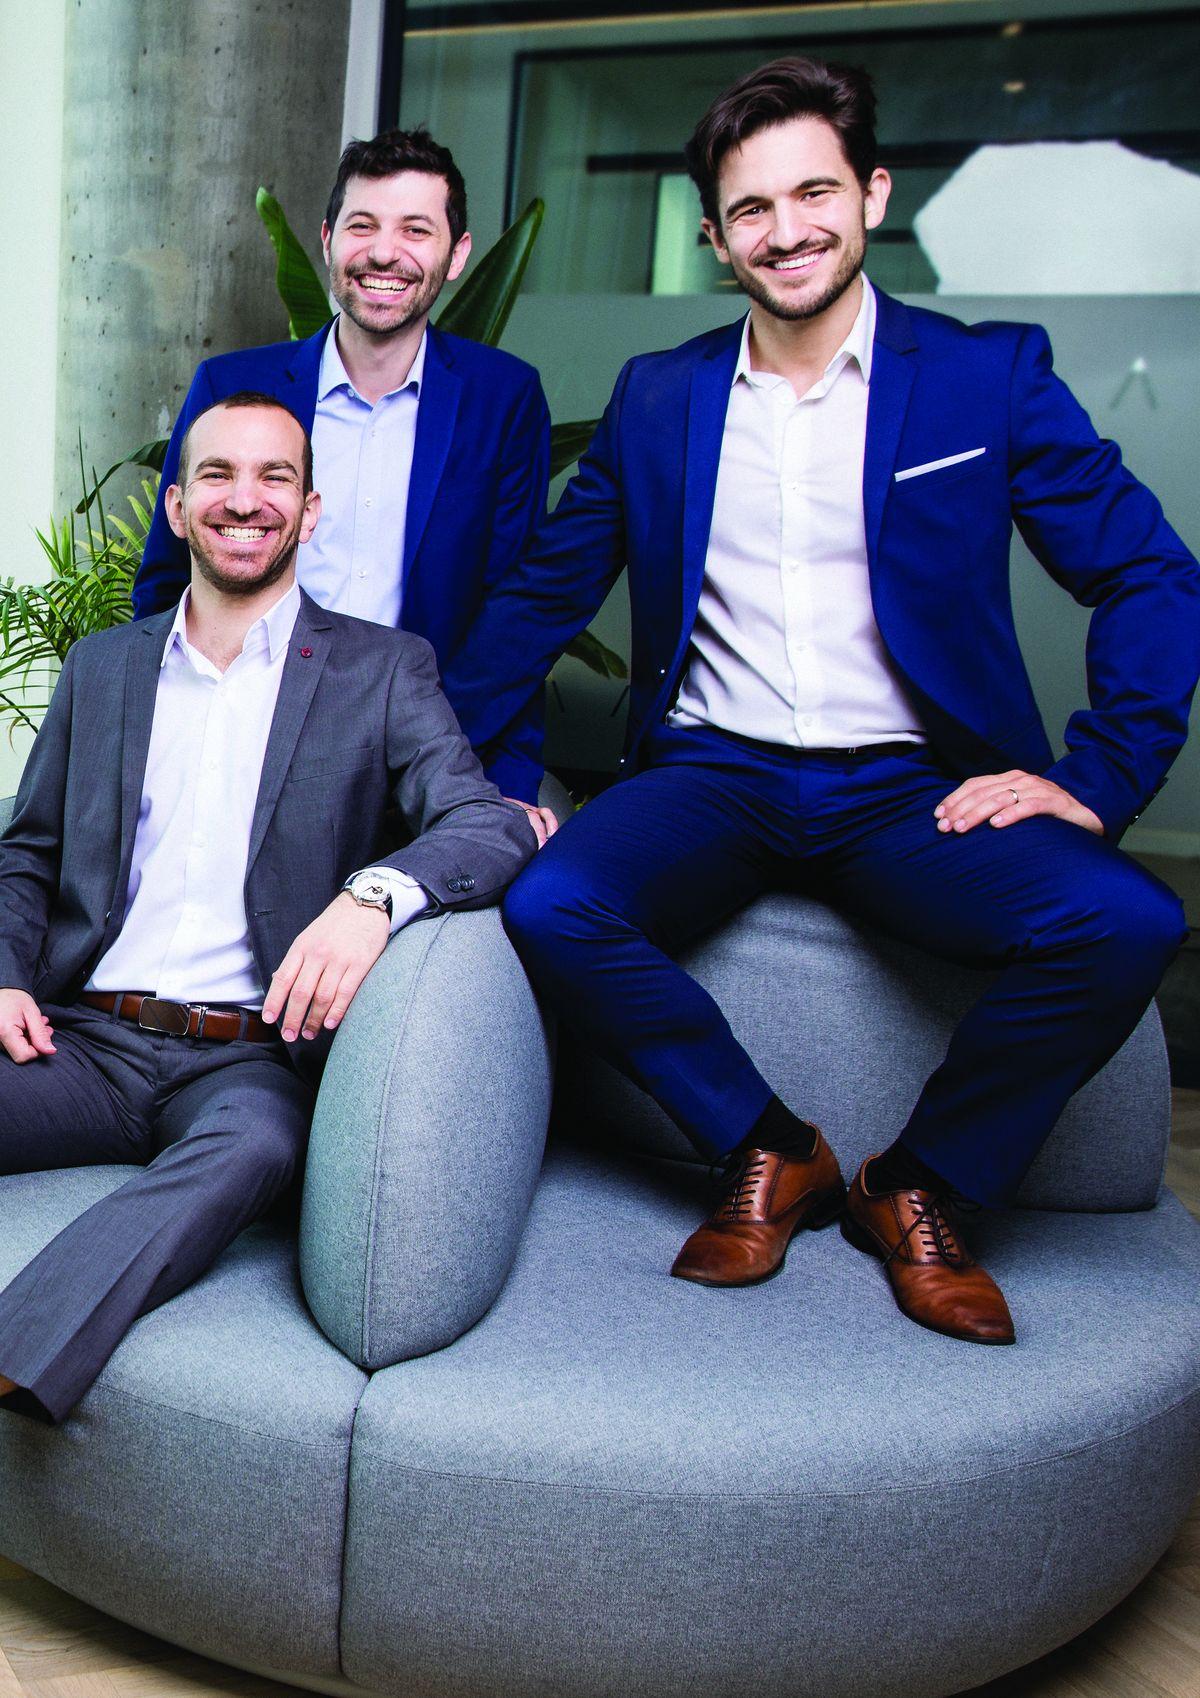 גיא ריינר, אלעד וולך ומיכאל ברגינסקי, צילום: ניר סלקמן